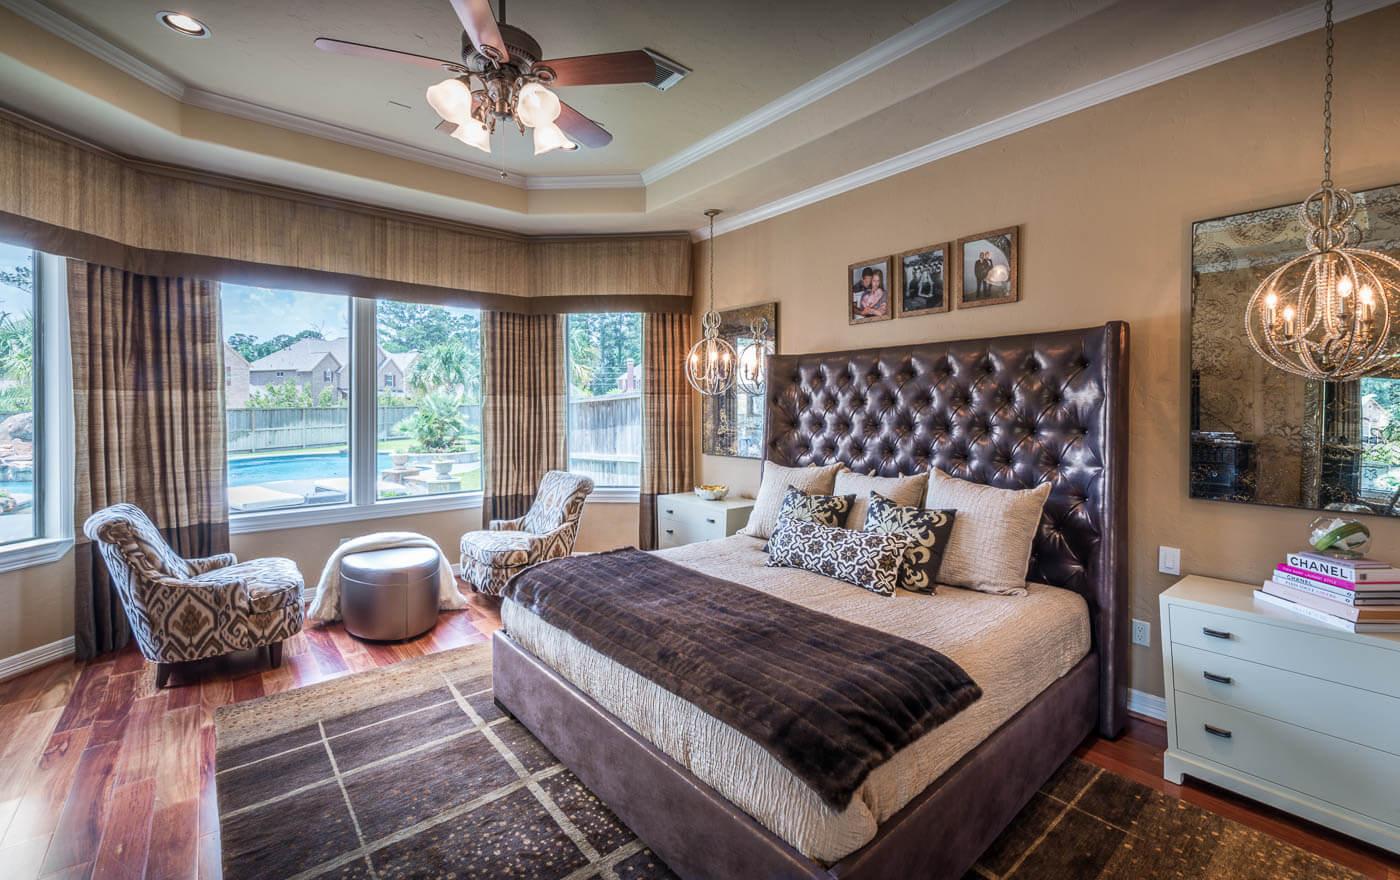 bedroom designers. Bedroom Designs Top Designers C